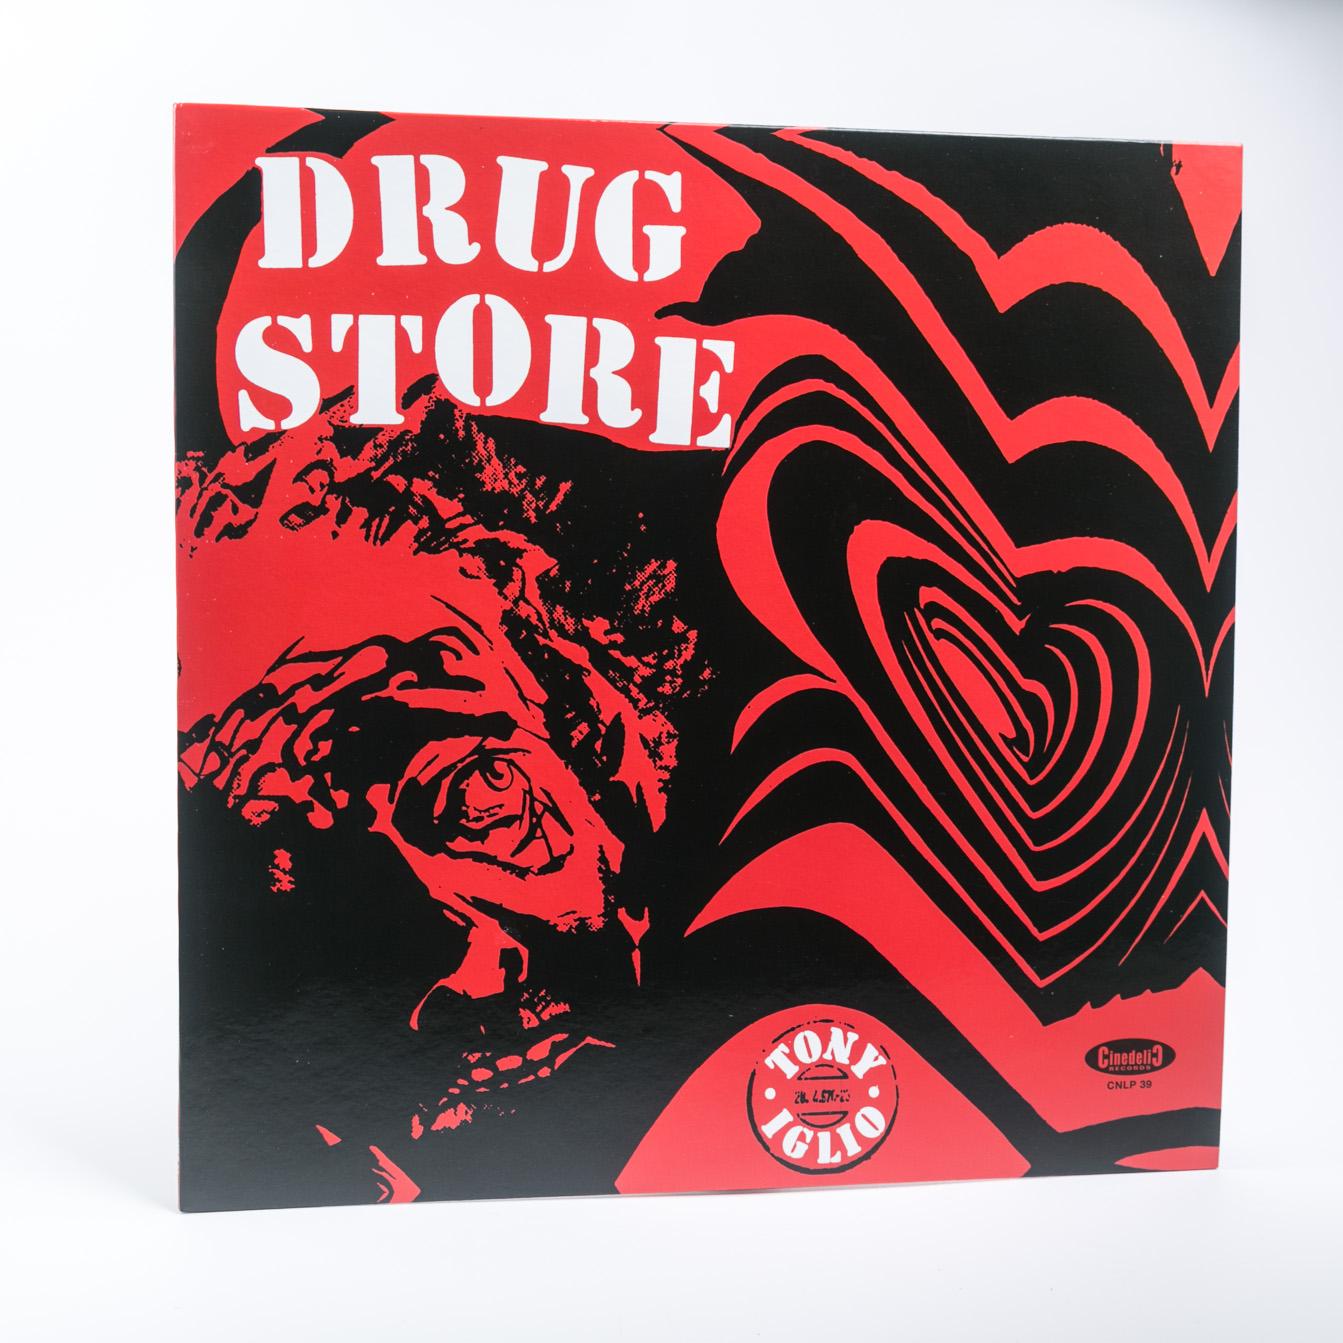 Drugstore LP (Red vinyl) + CD